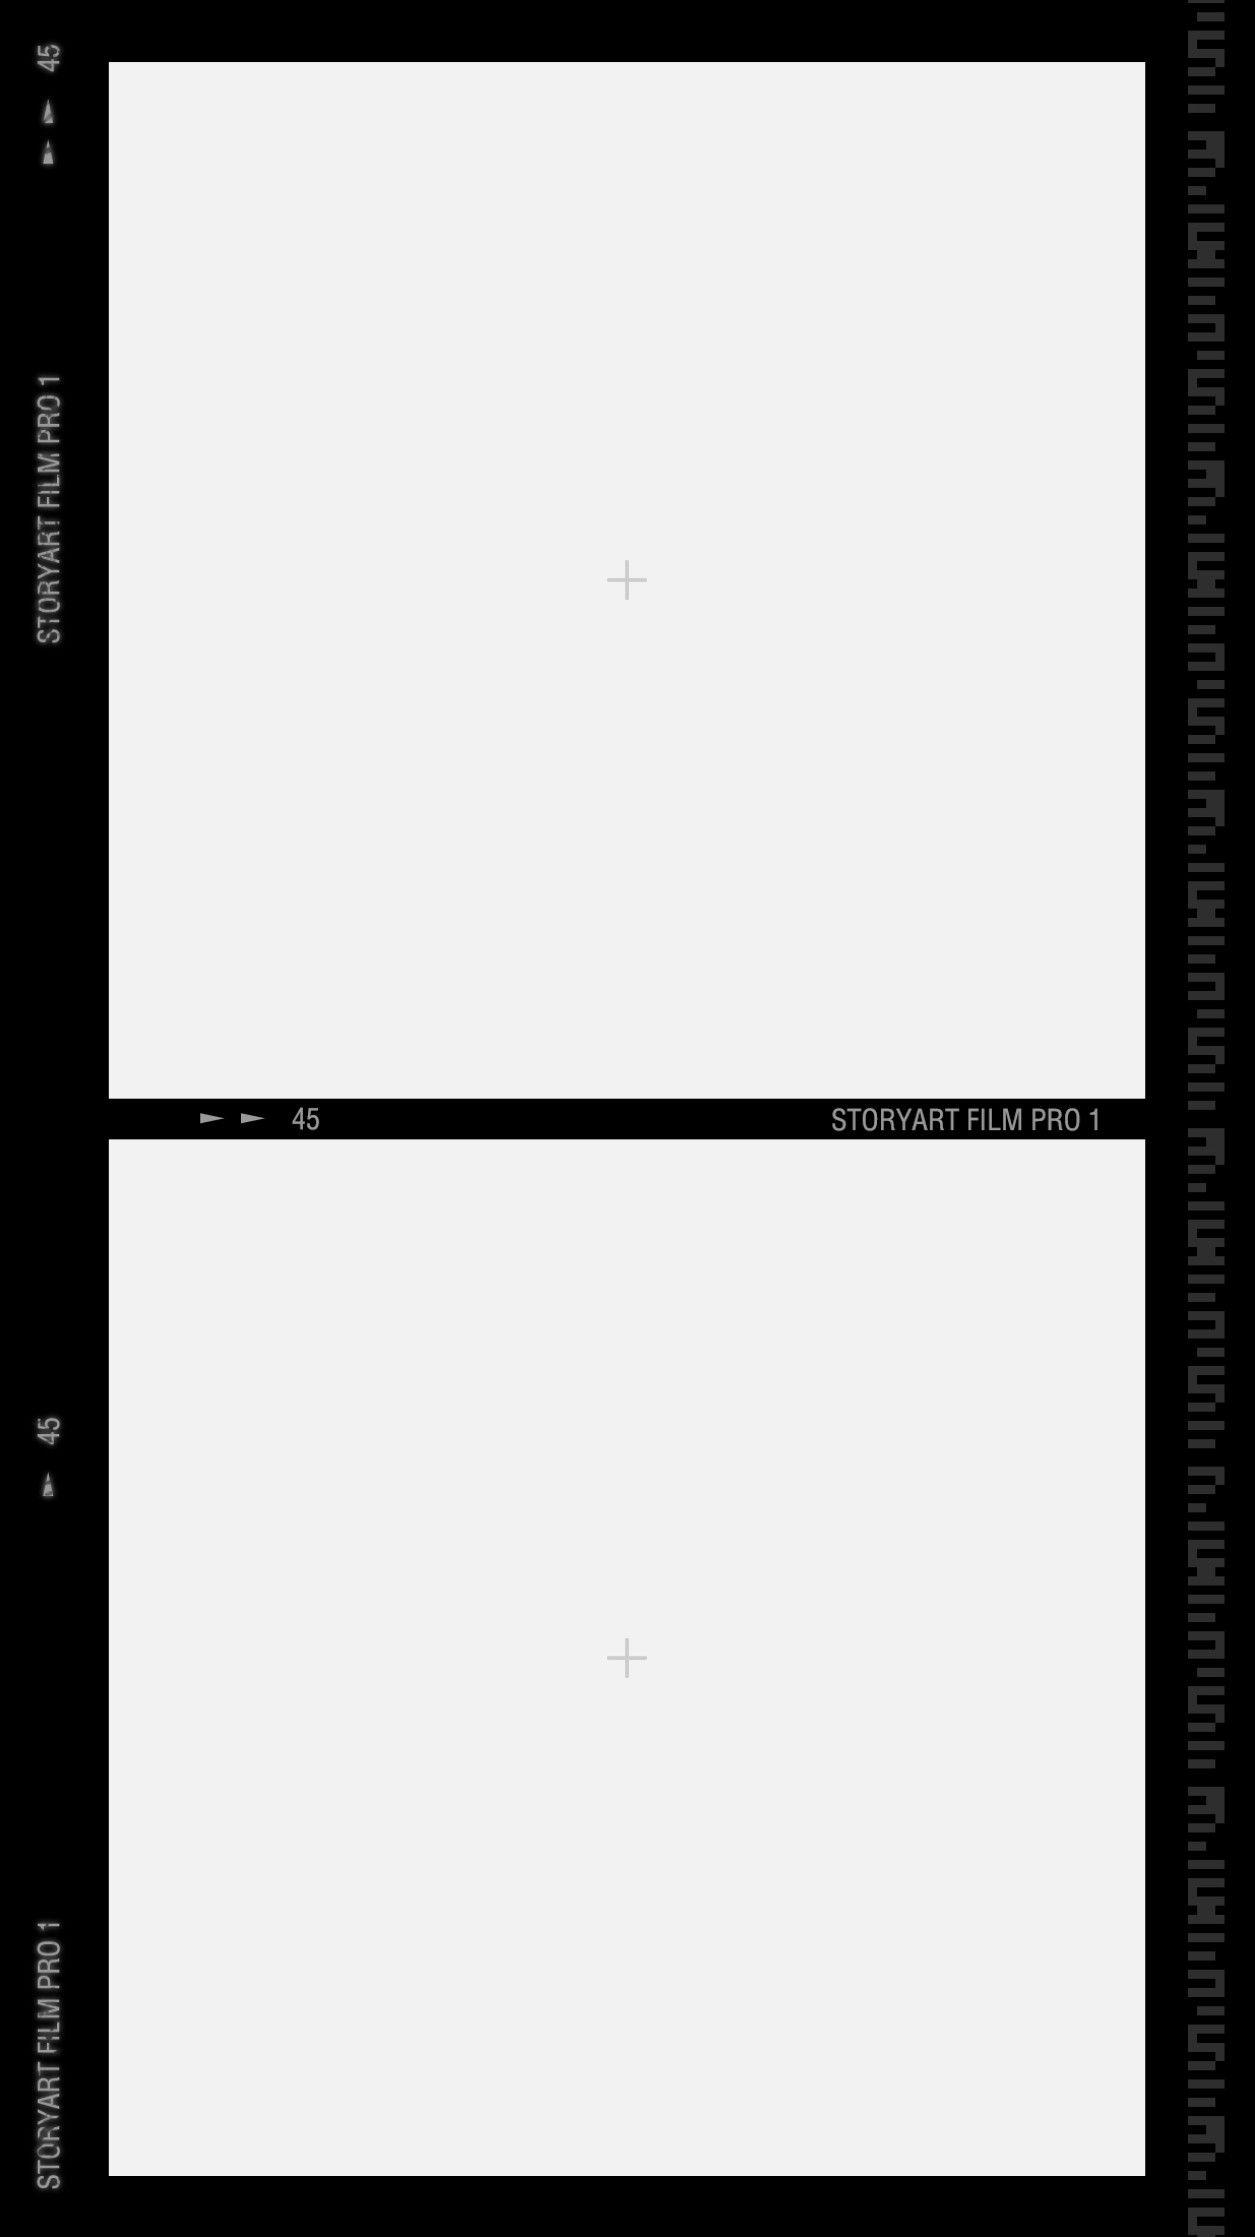 Pin De Dri Gibelini Em Presets Para Foto Em 2020 Moldura Para